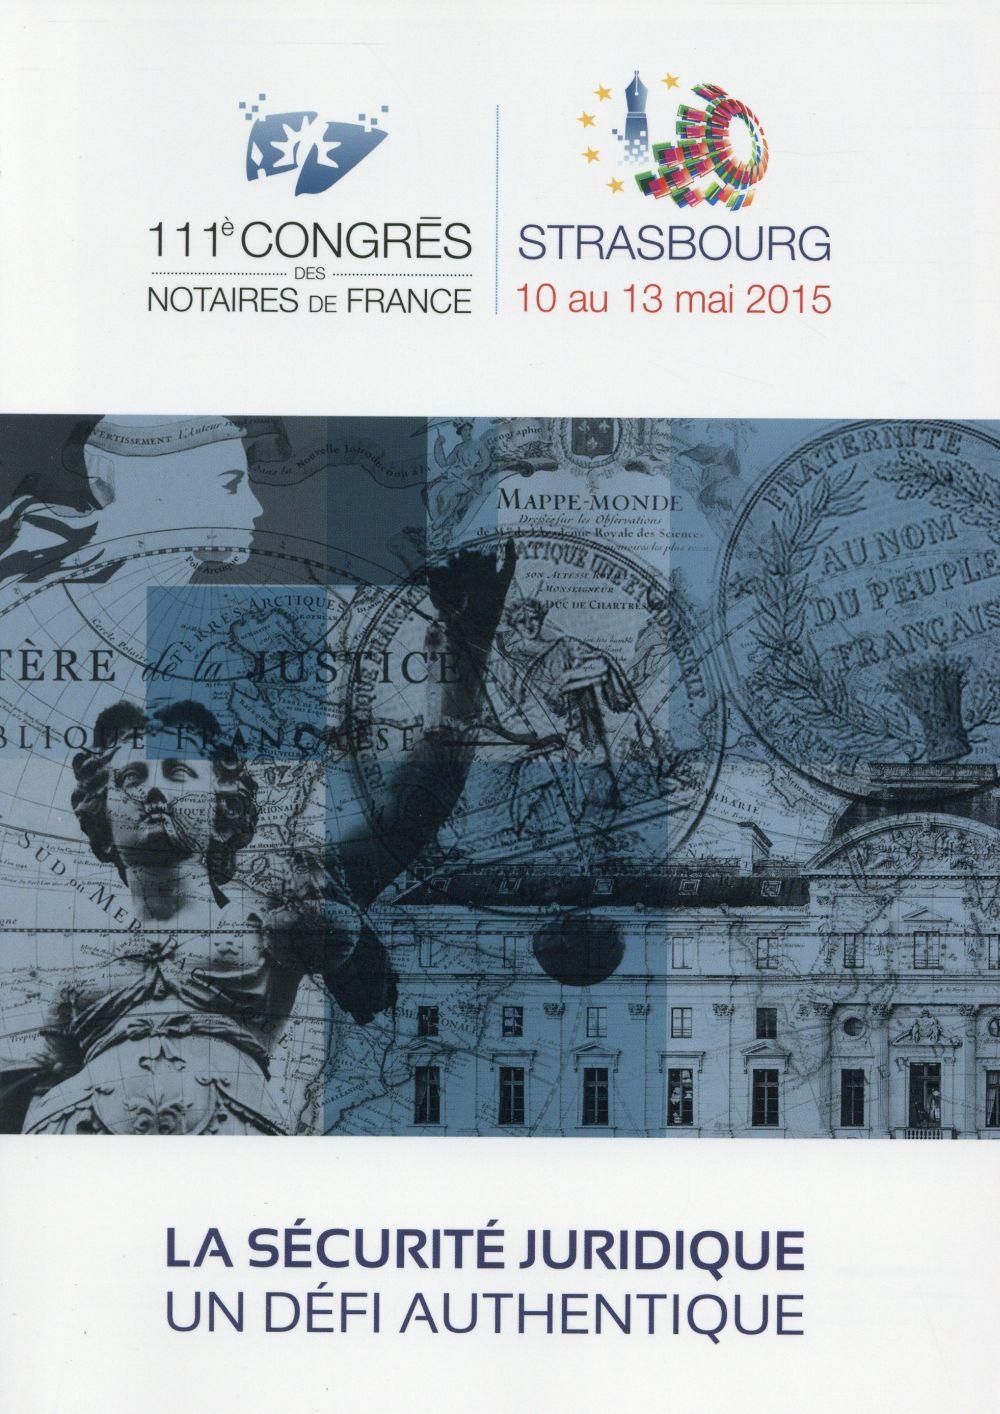 LA SECURITE JURIDIQUE, UN DEFI AUTHENTIQUE - 111E CONGRES DES NOTAIRES DE FRANCE - STRASBOURG 10 AU